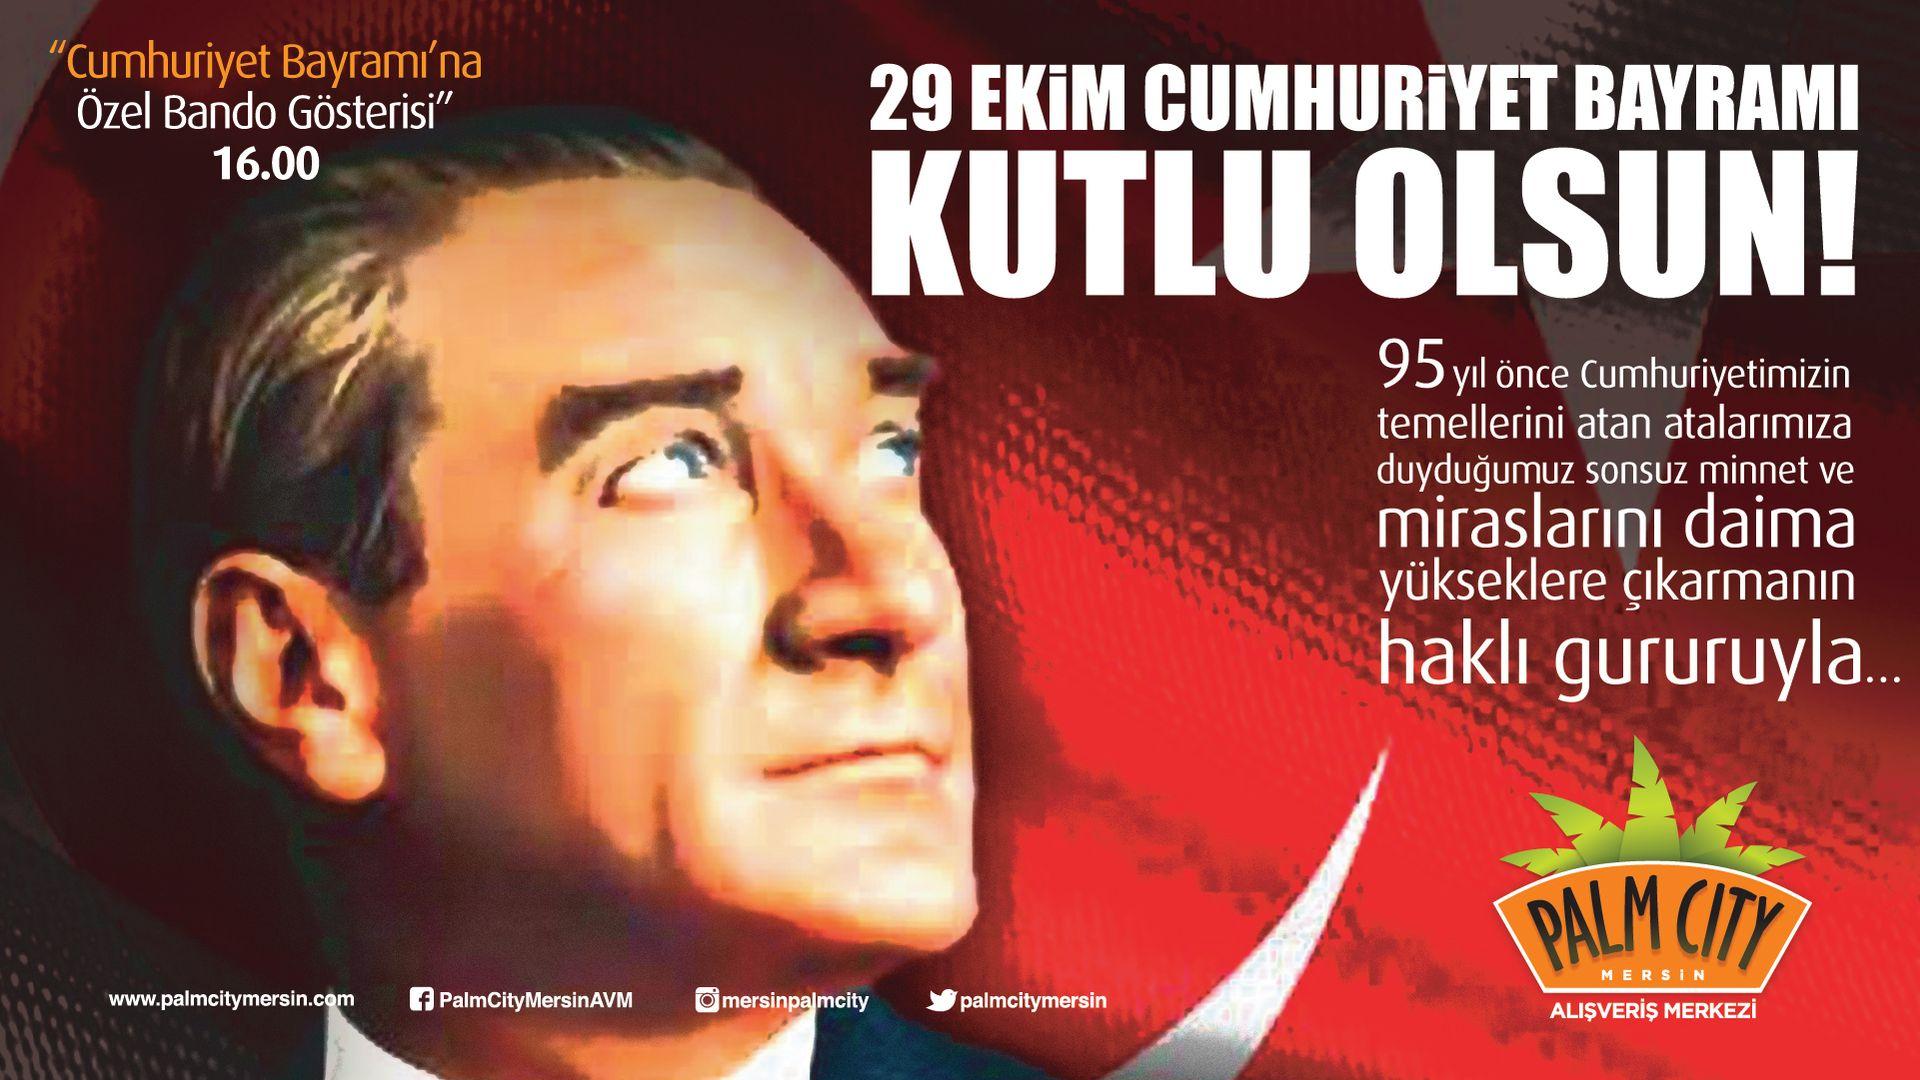 29 Ekim Cumhuriyet Bayrami Kutlu Olsun Palm City 577355 Hd